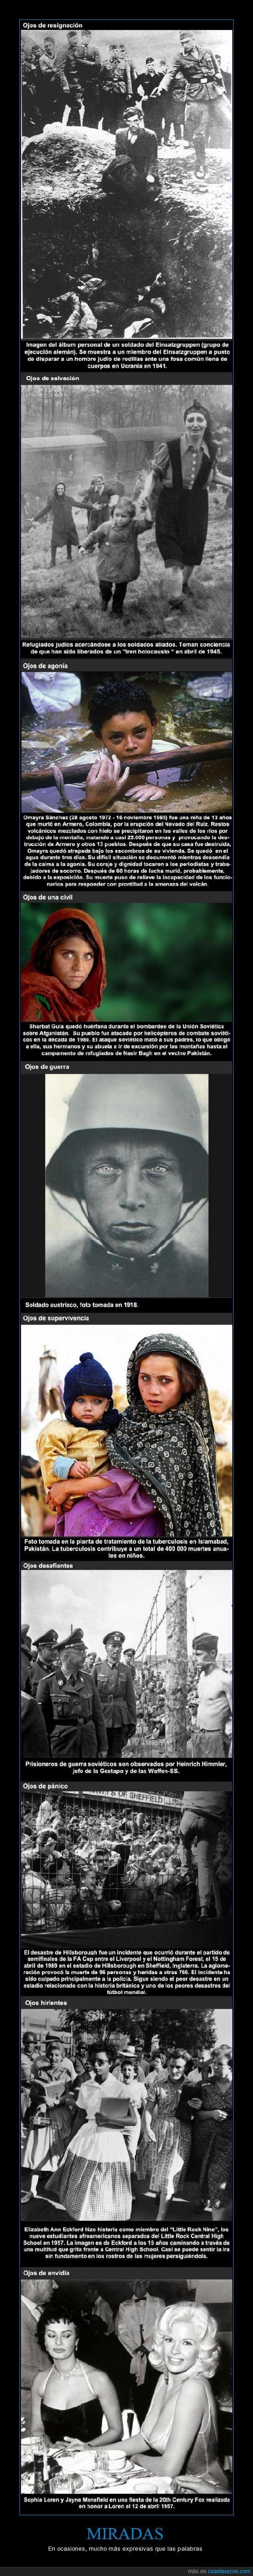 expresivos,fotos,ojos,segunda guerra mundial,sophia loren